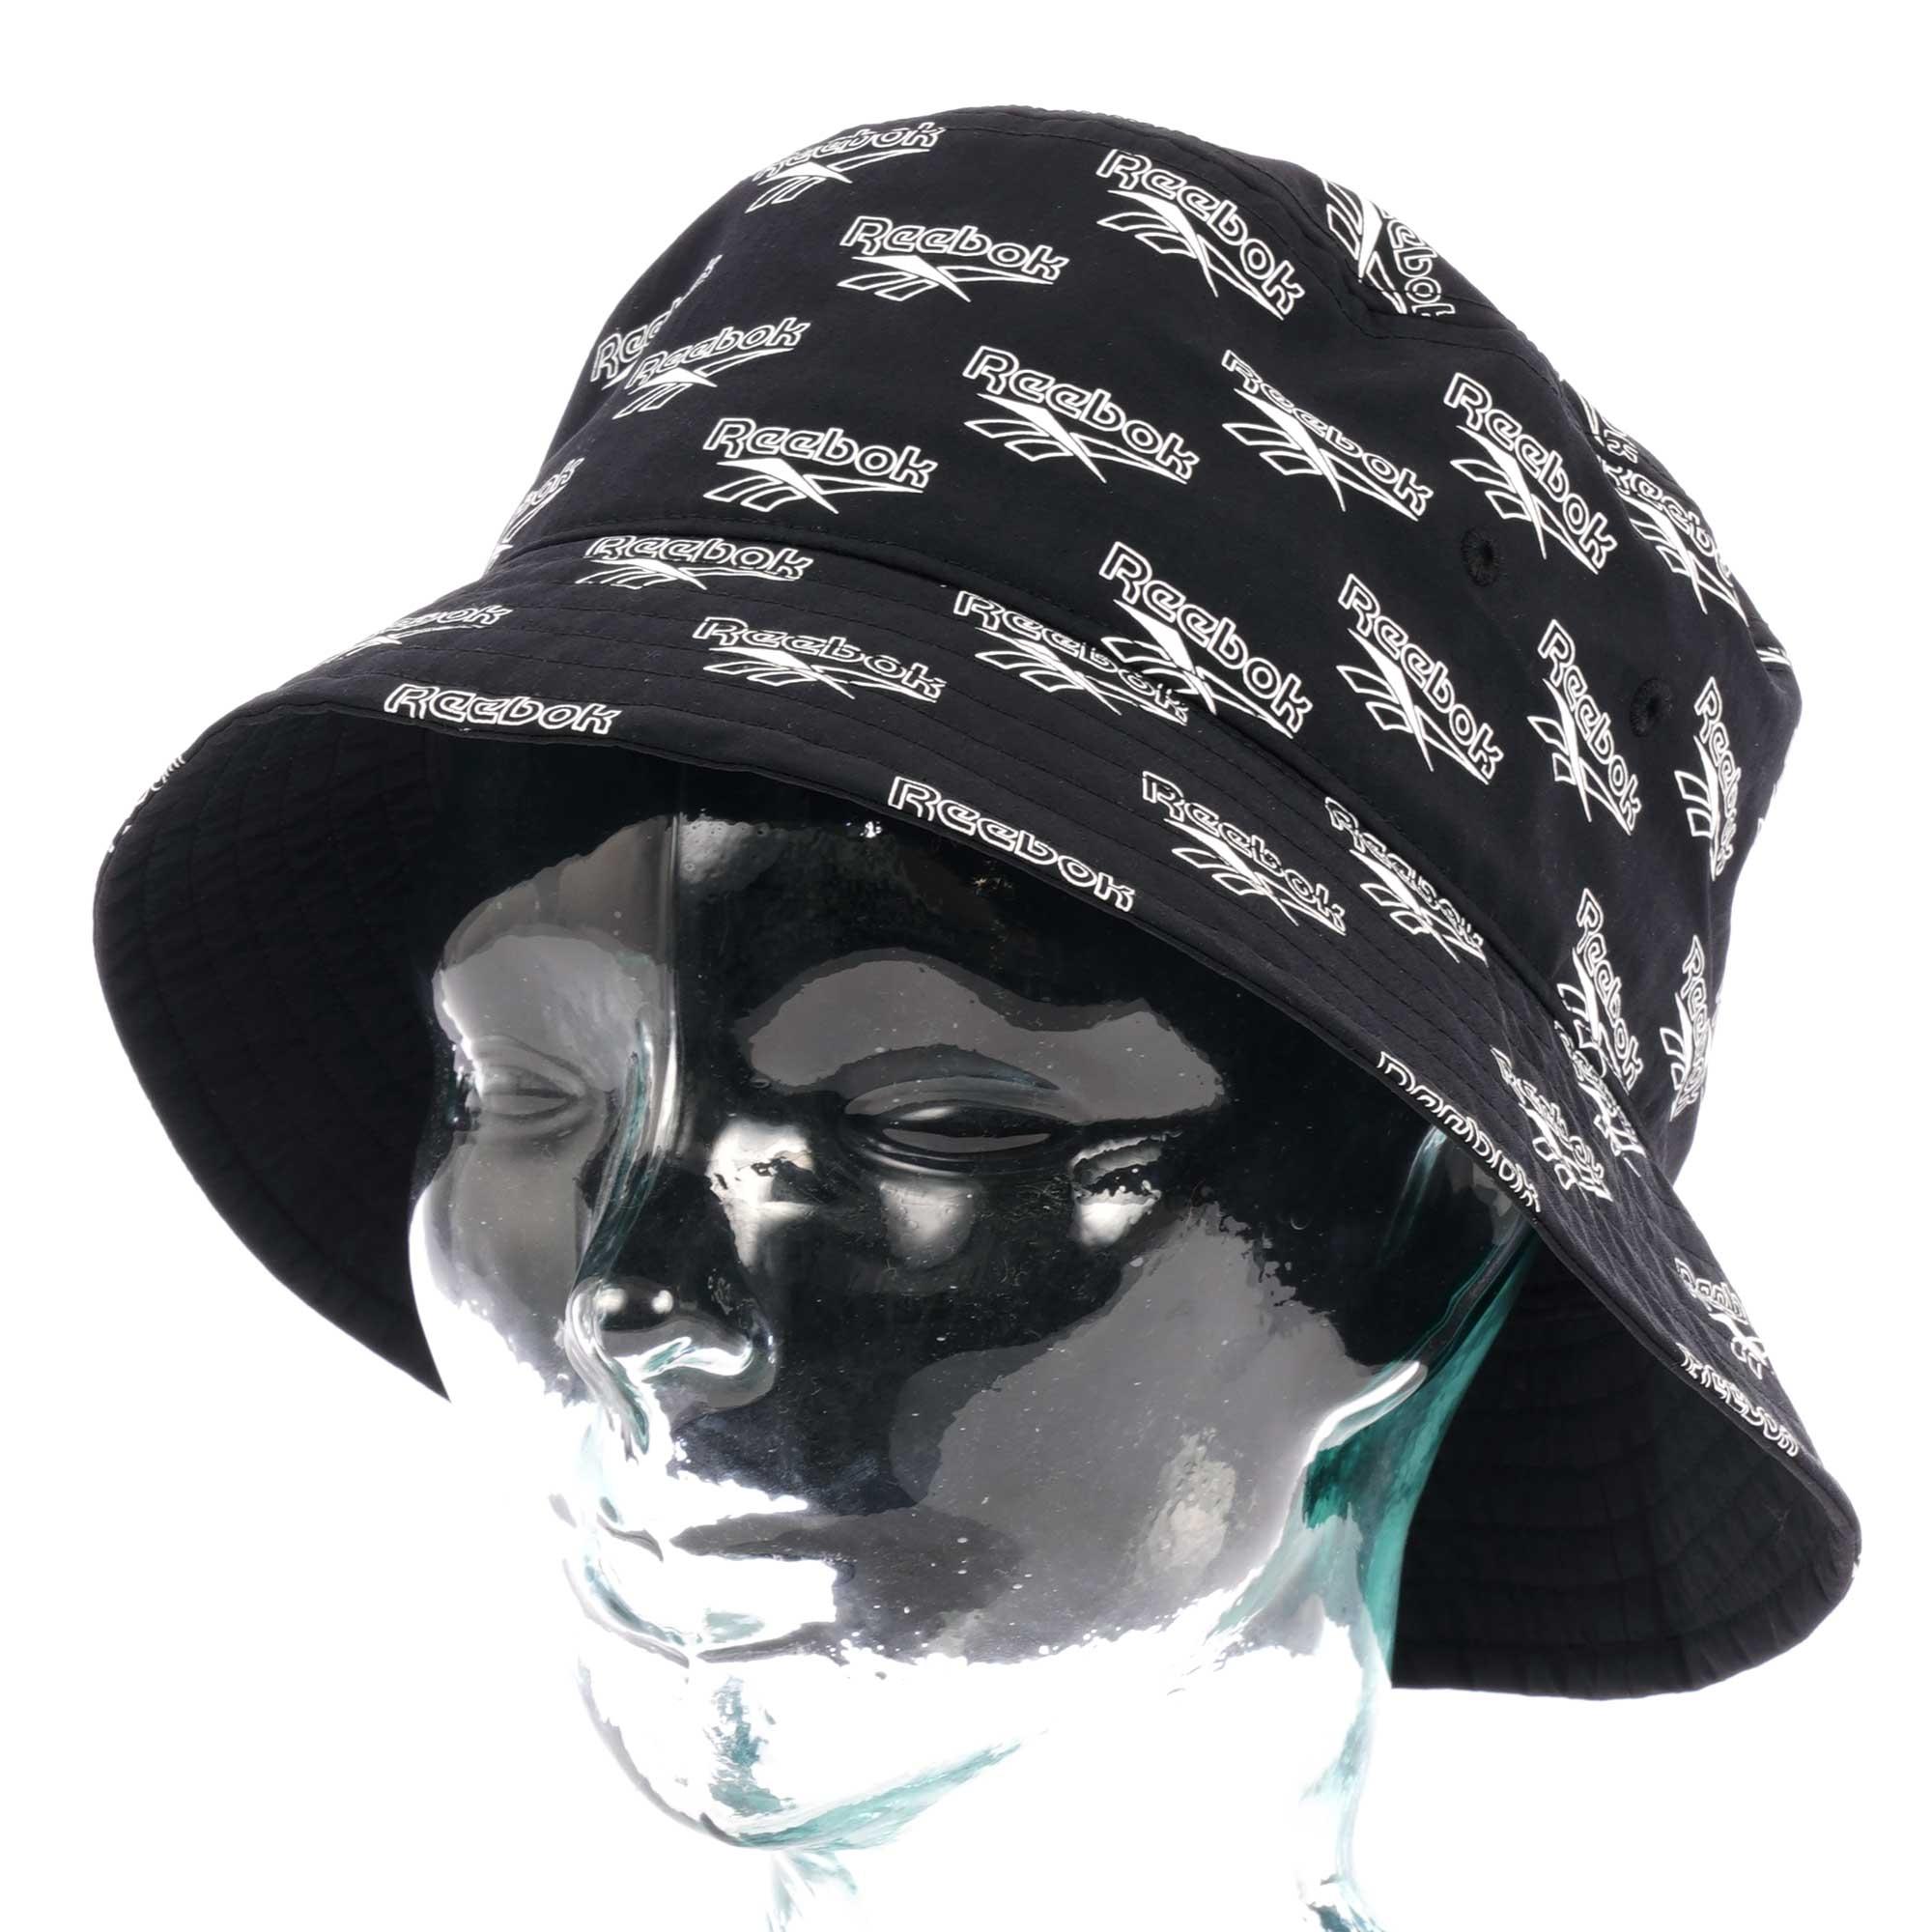 d8f5bc8b Reebok Classic Vector Bucket Hat | Black | US Stockist